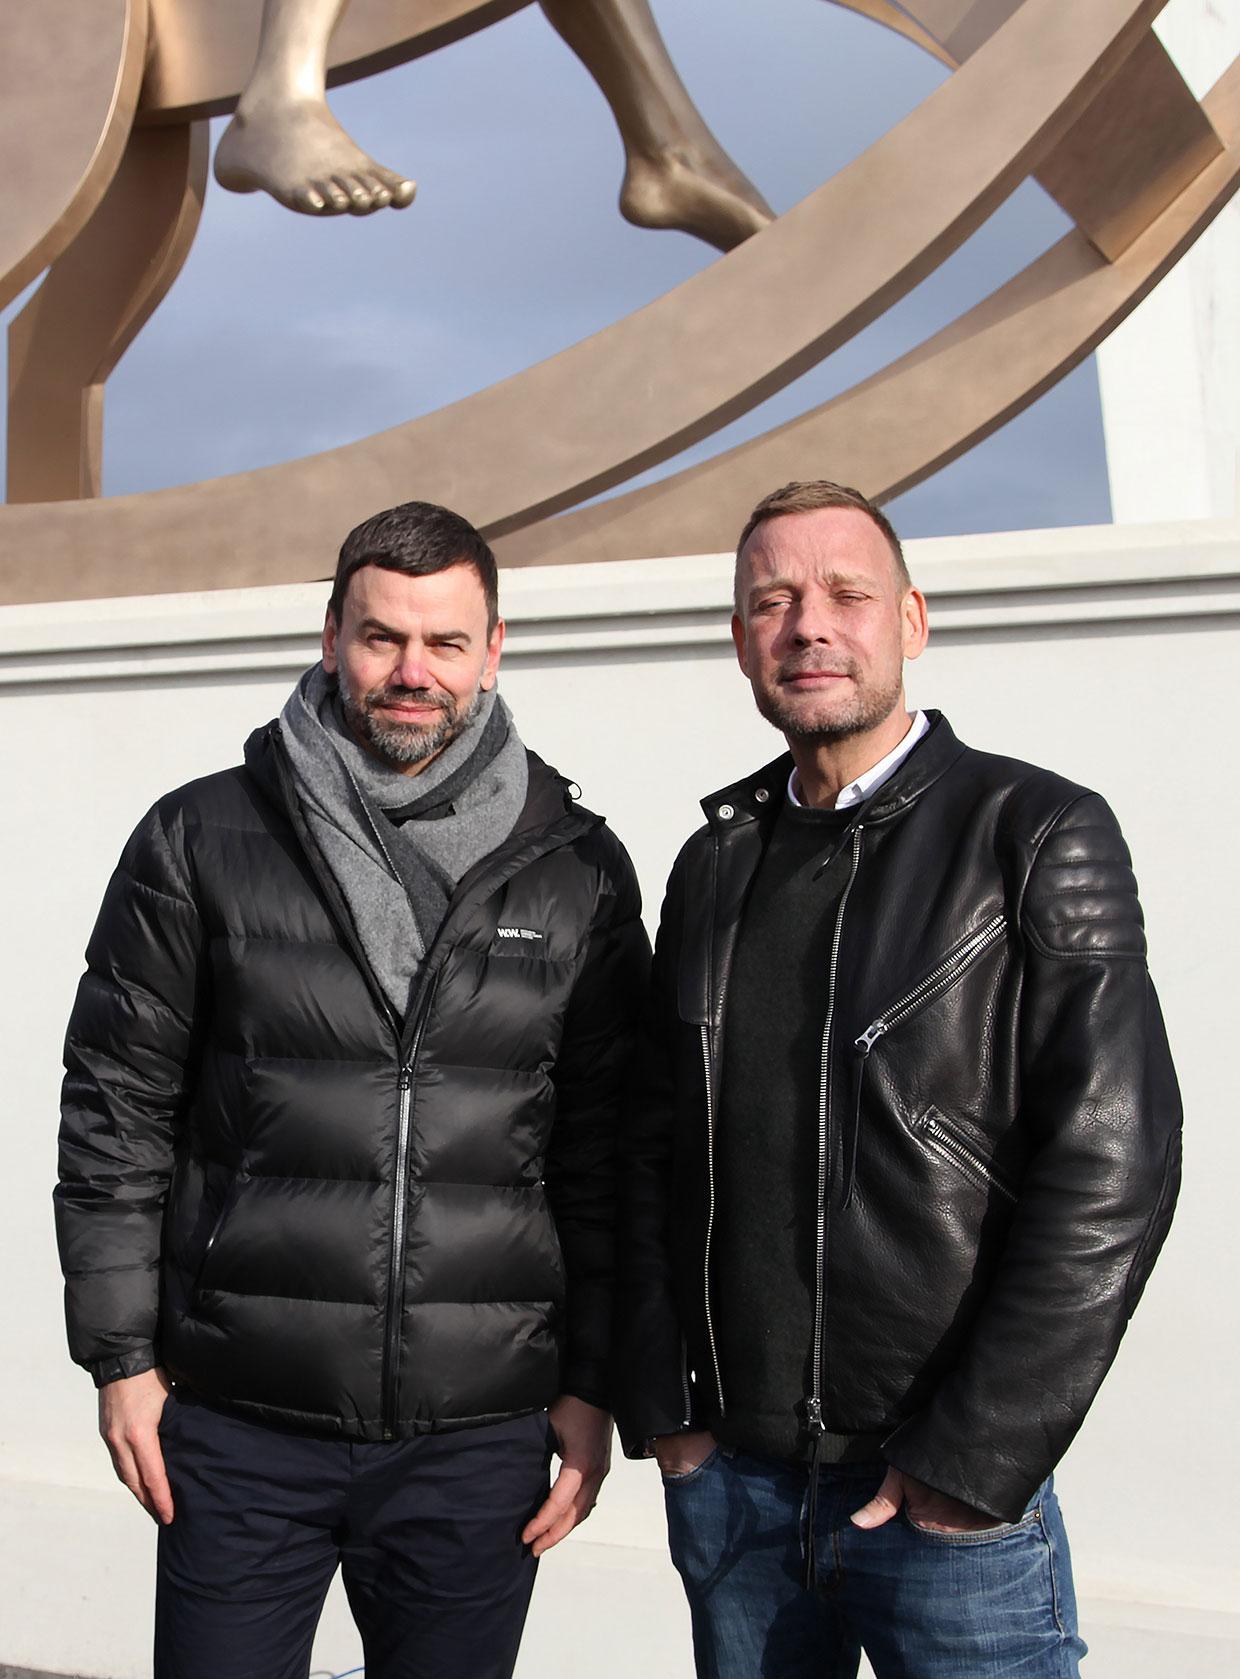 Ingar Dragset og Michael Elmgreen foran Powerless Structures, fig. 101 i forbindelse med indvielsen af skulpturen lørdag den 20. februar. Foto: ARKEN